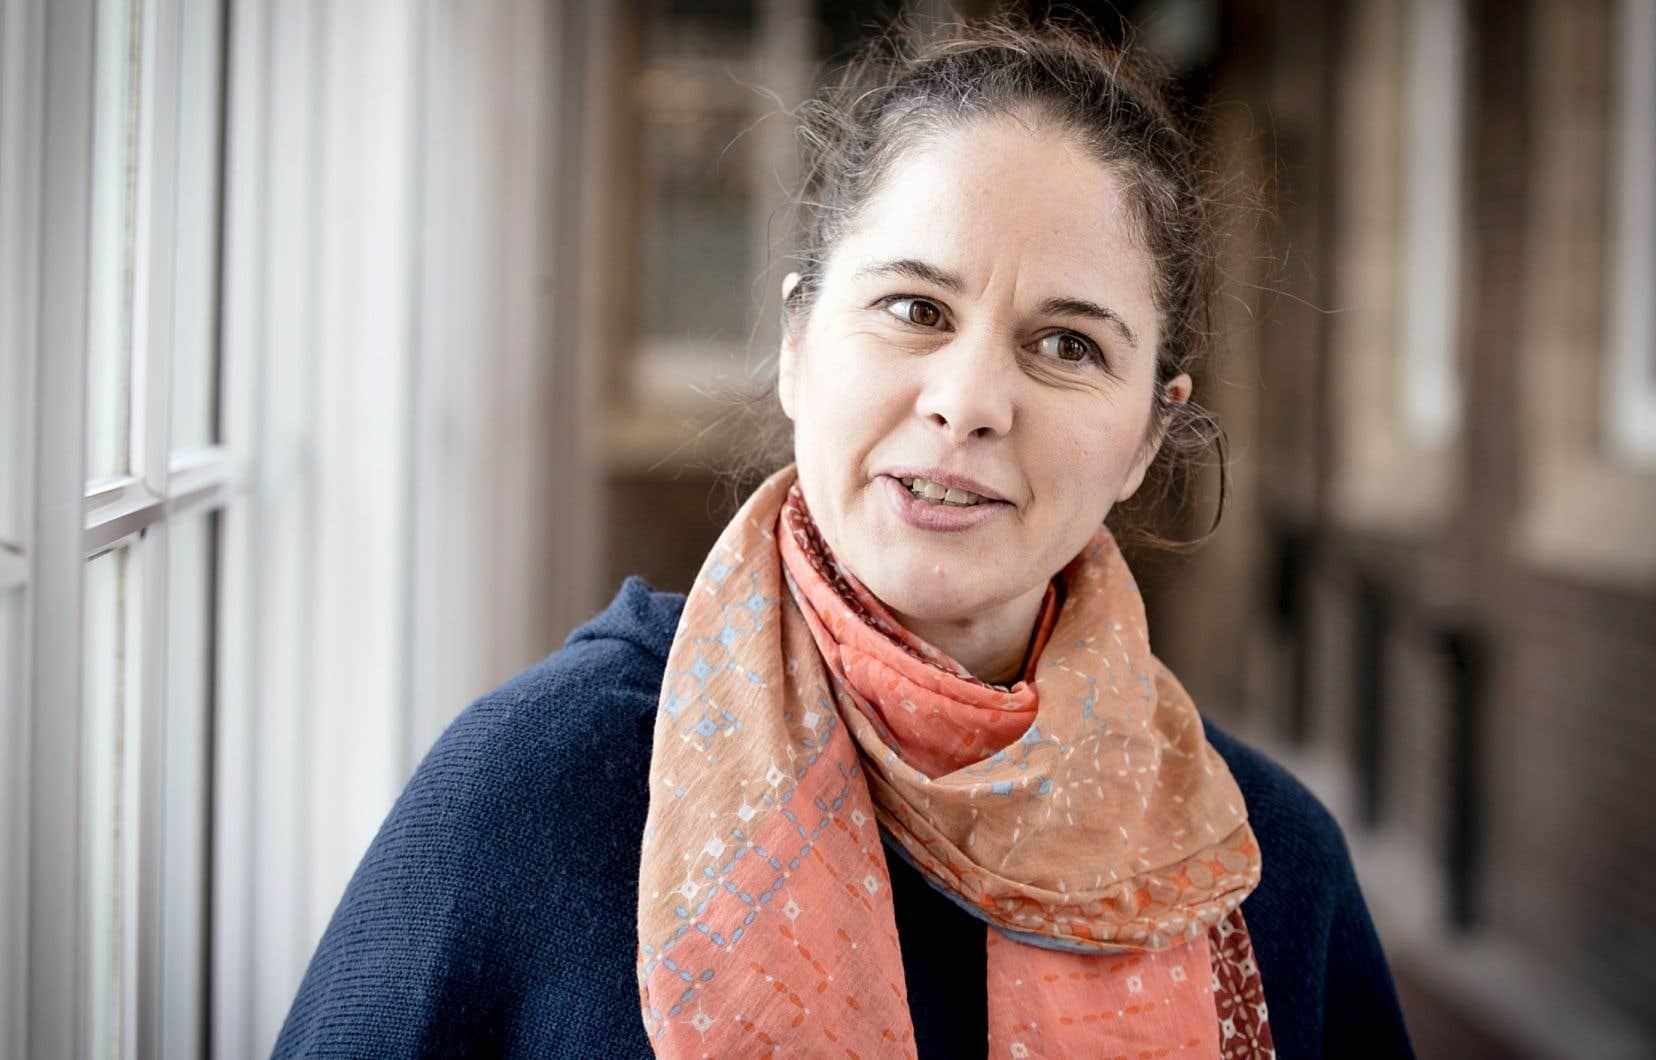 Roisin O'Connor a commencé à s'intéresser au lien entre la psychologie et la consommation d'alcool alors qu'elle était elle-même étudiante universitaire, au début des années 1990.